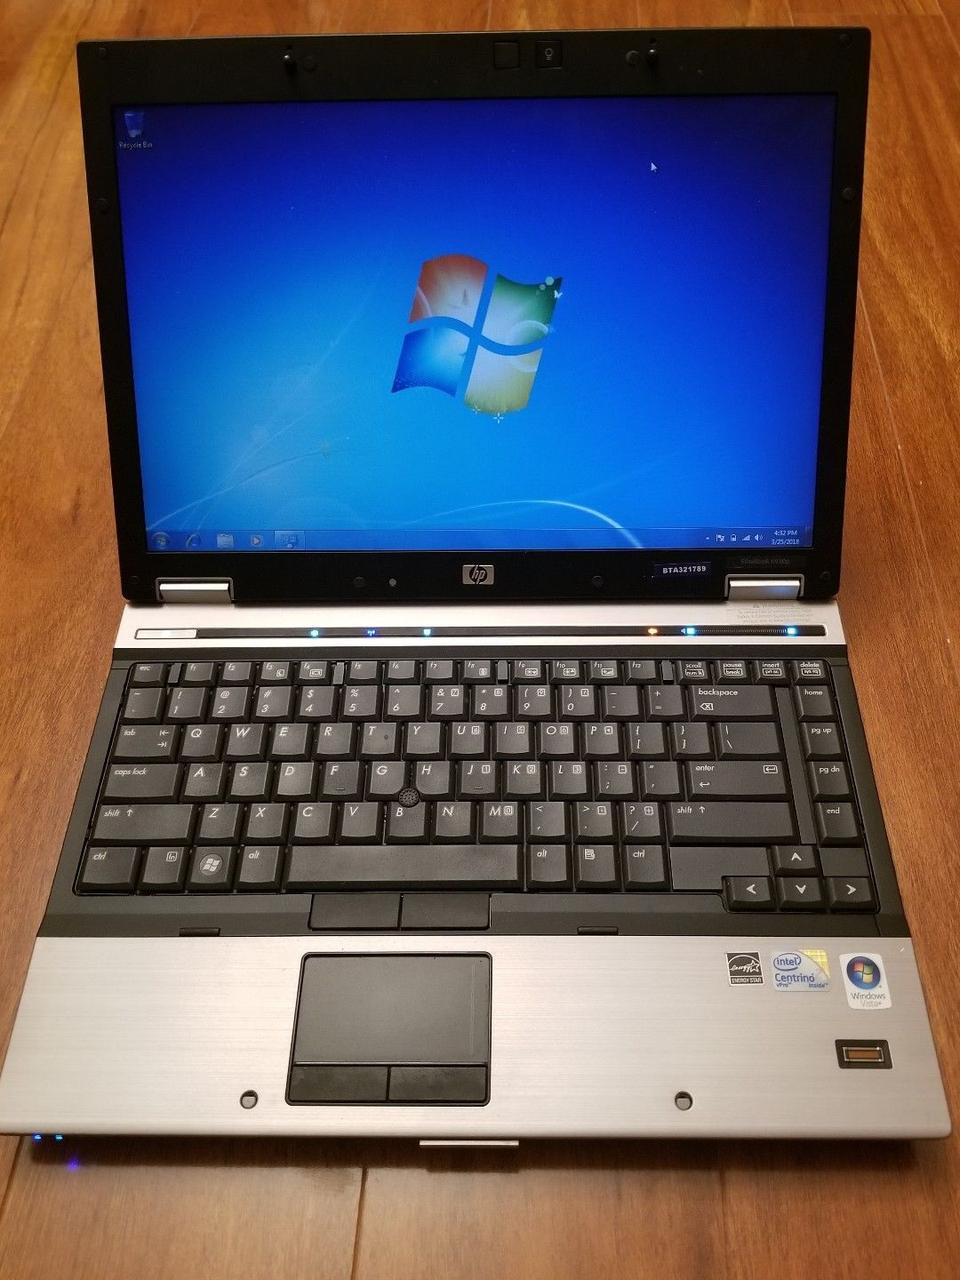 Ноутбук, notebook, HP Elitebook 6930p, 2 ядра по 2,4 Ггц, 2 Гб ОЗУ, HDD 250 Гб